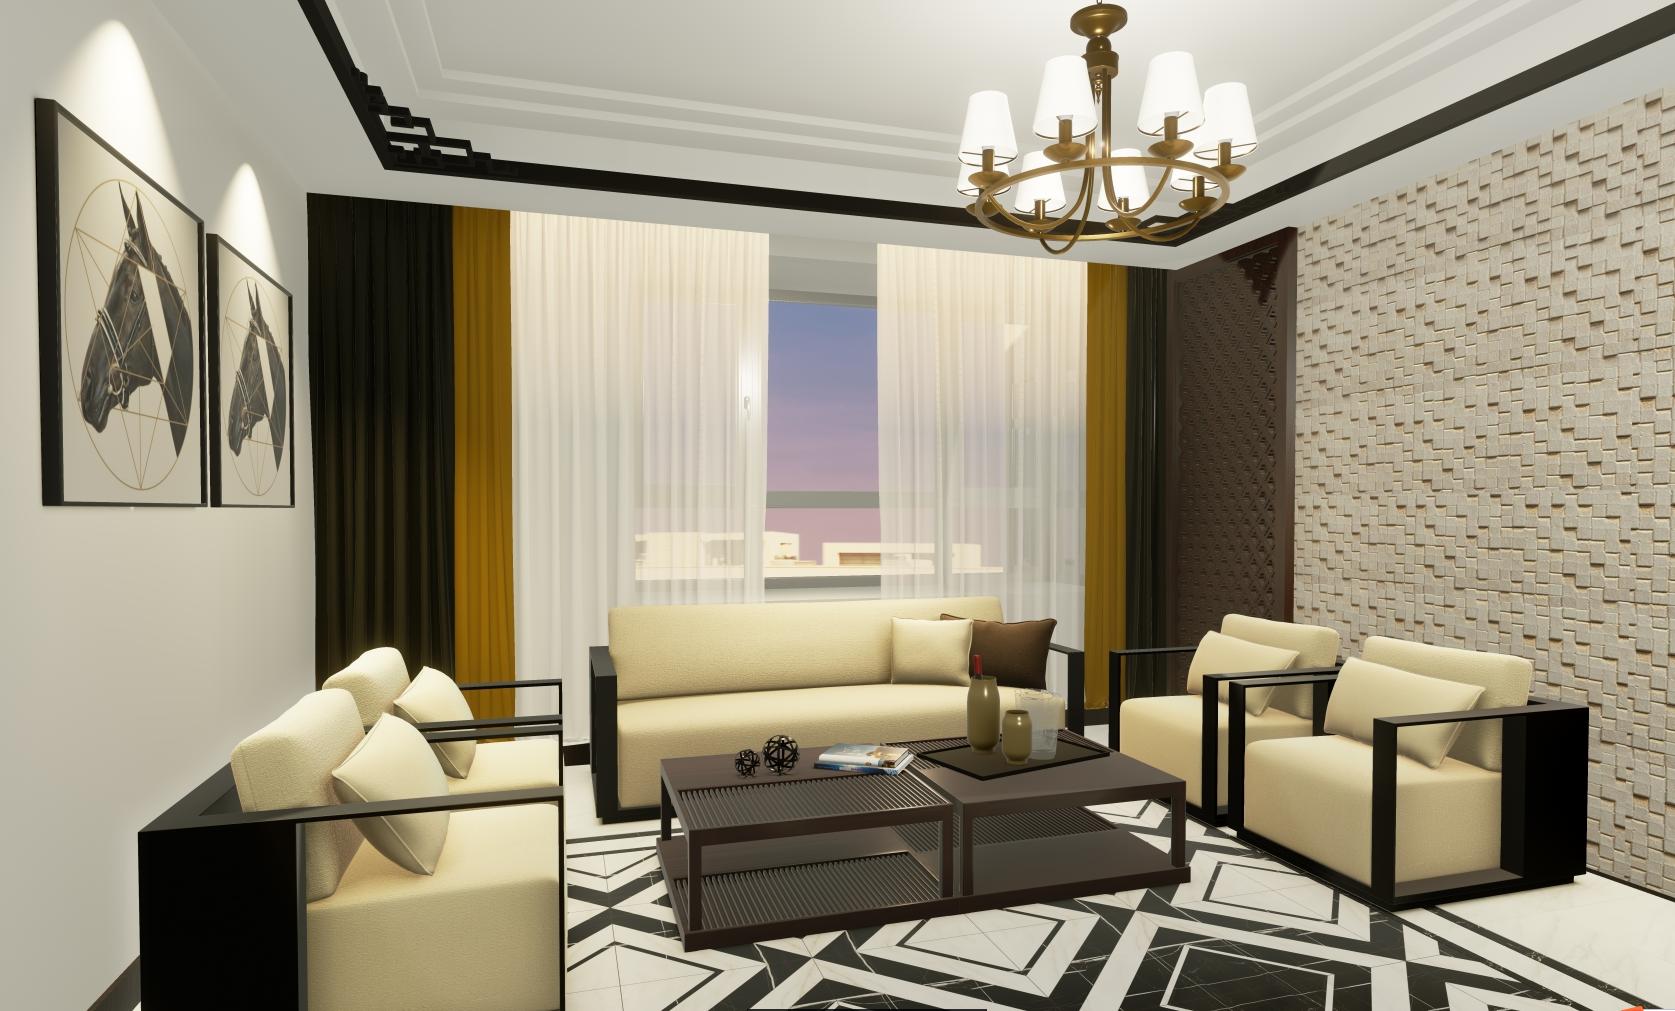 客厅图片来自湖北省大唐安盛建筑工程有限公司在顶秀西北湖的分享